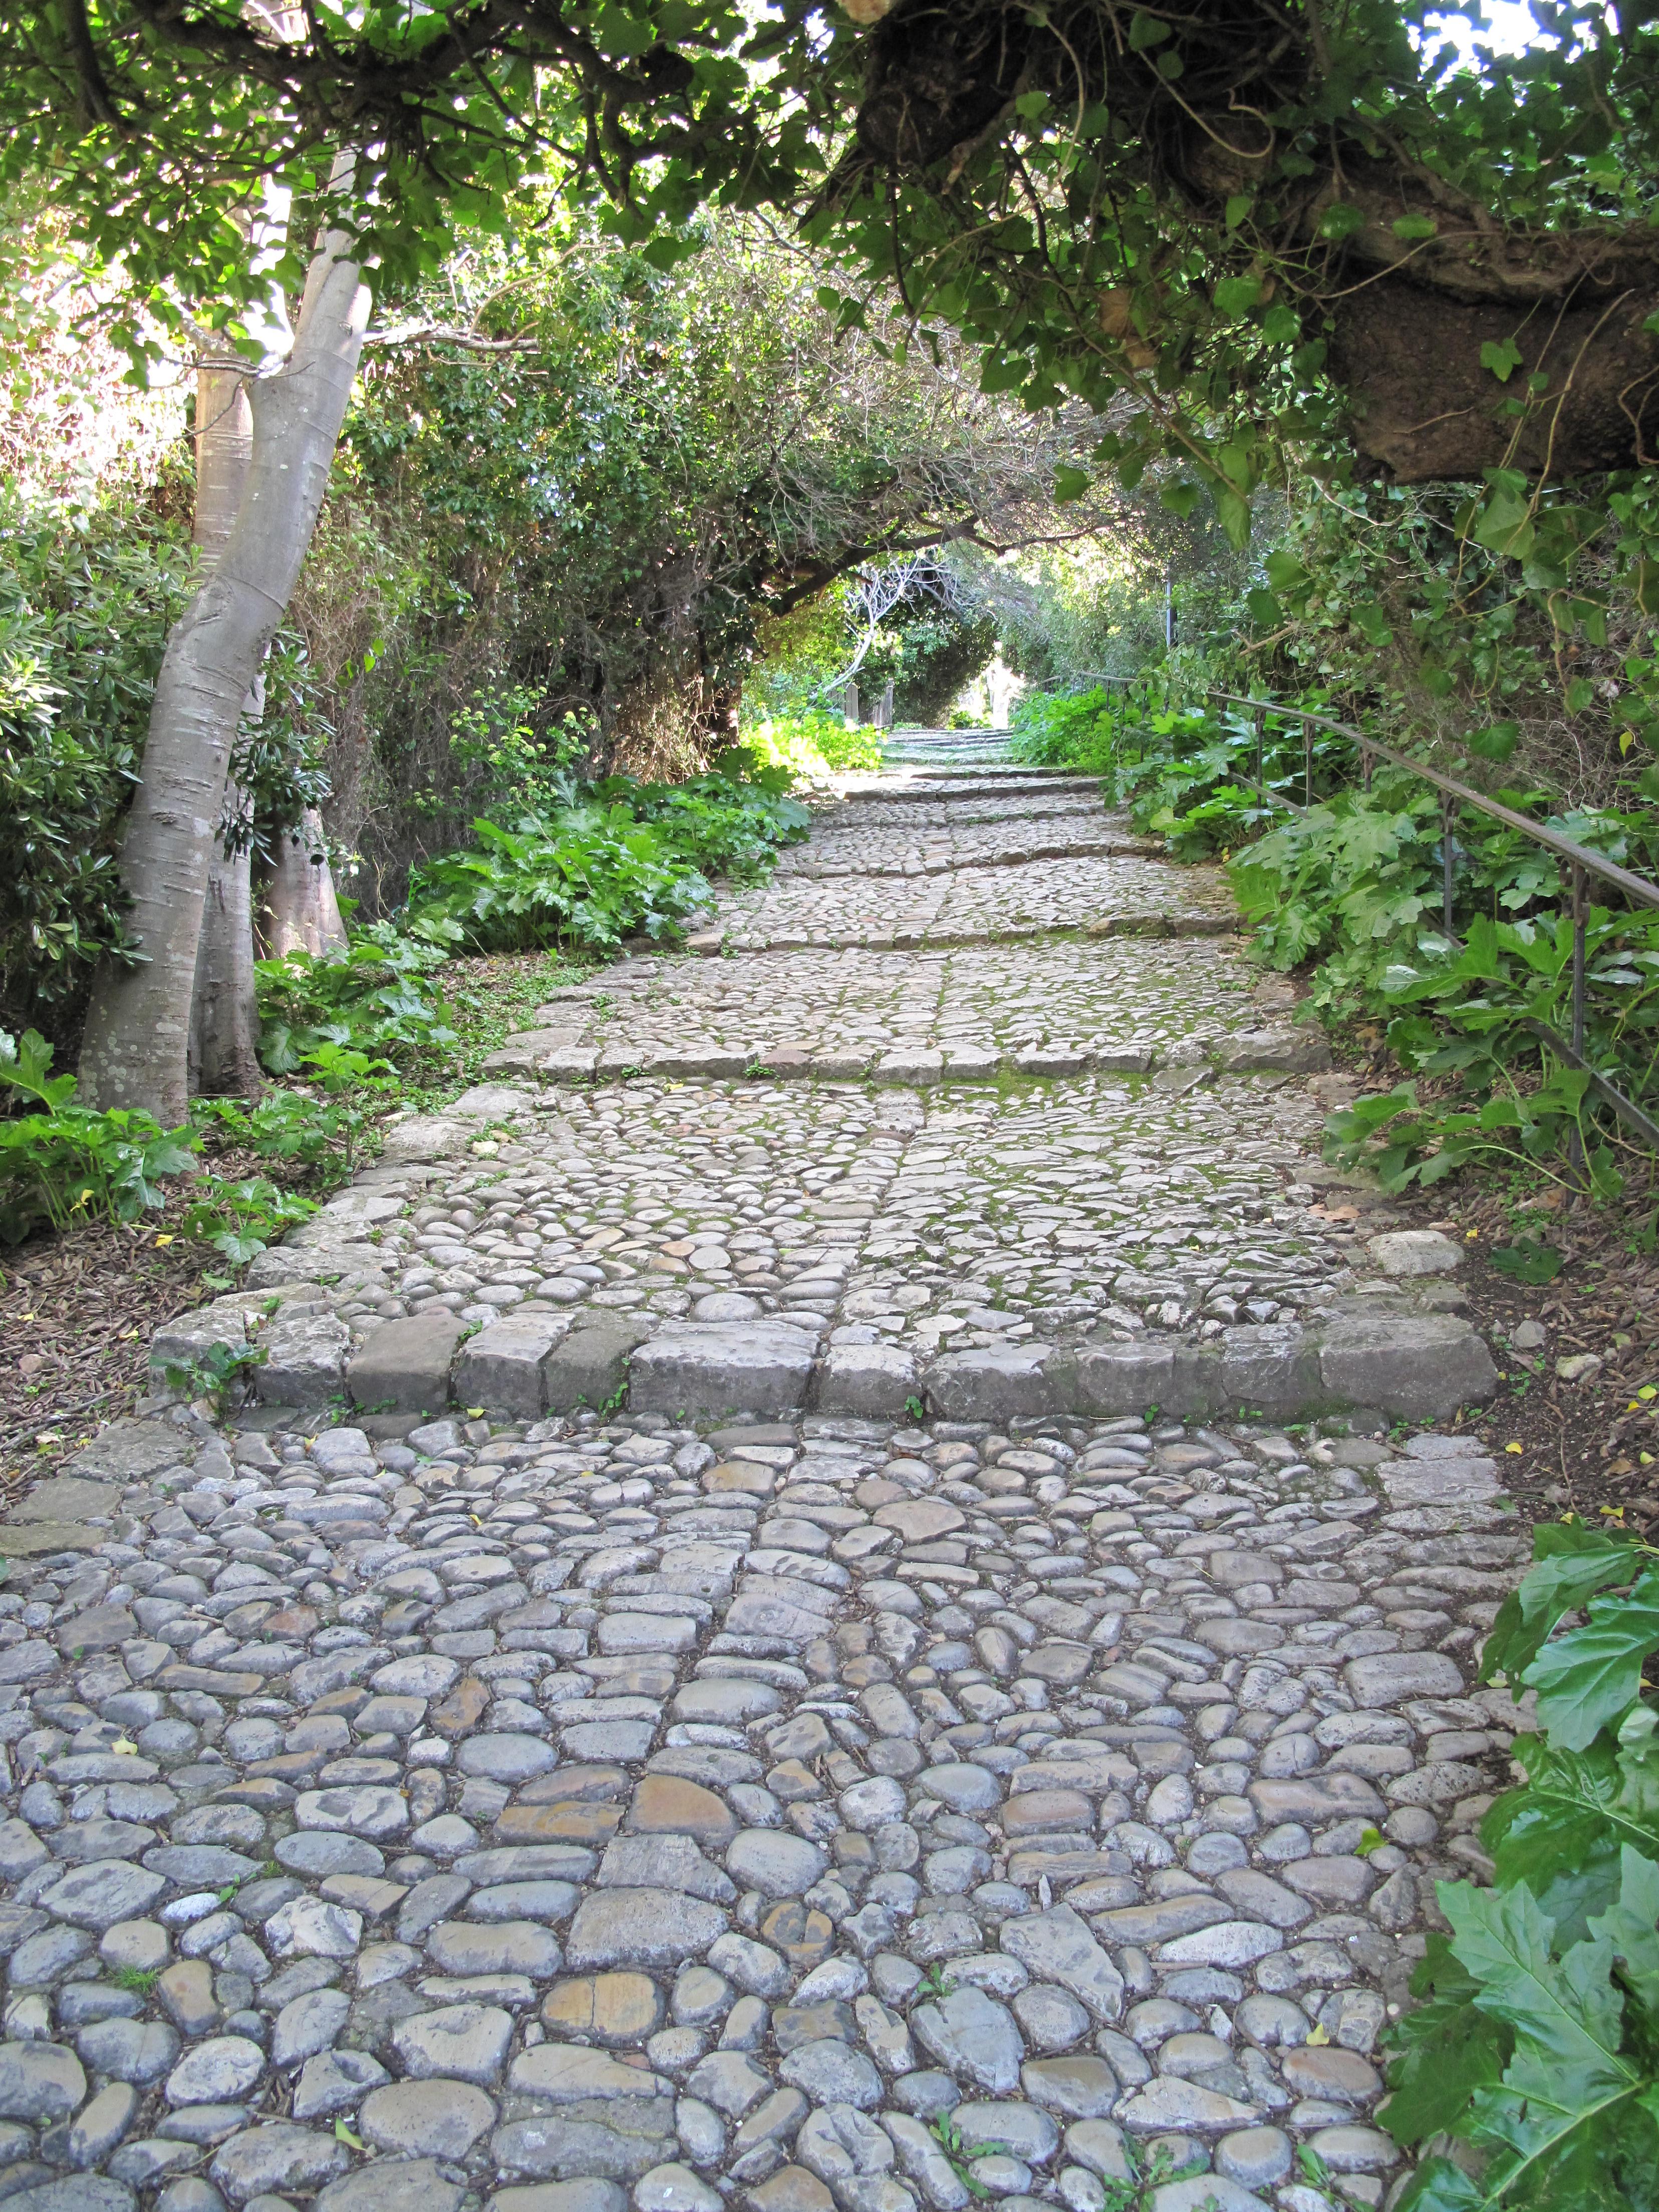 http://upload.wikimedia.org/wikipedia/commons/a/af/Escalier_%C3%A0_pas_d'ane_sur_l'ile_Sainte-Marguerite.jpg